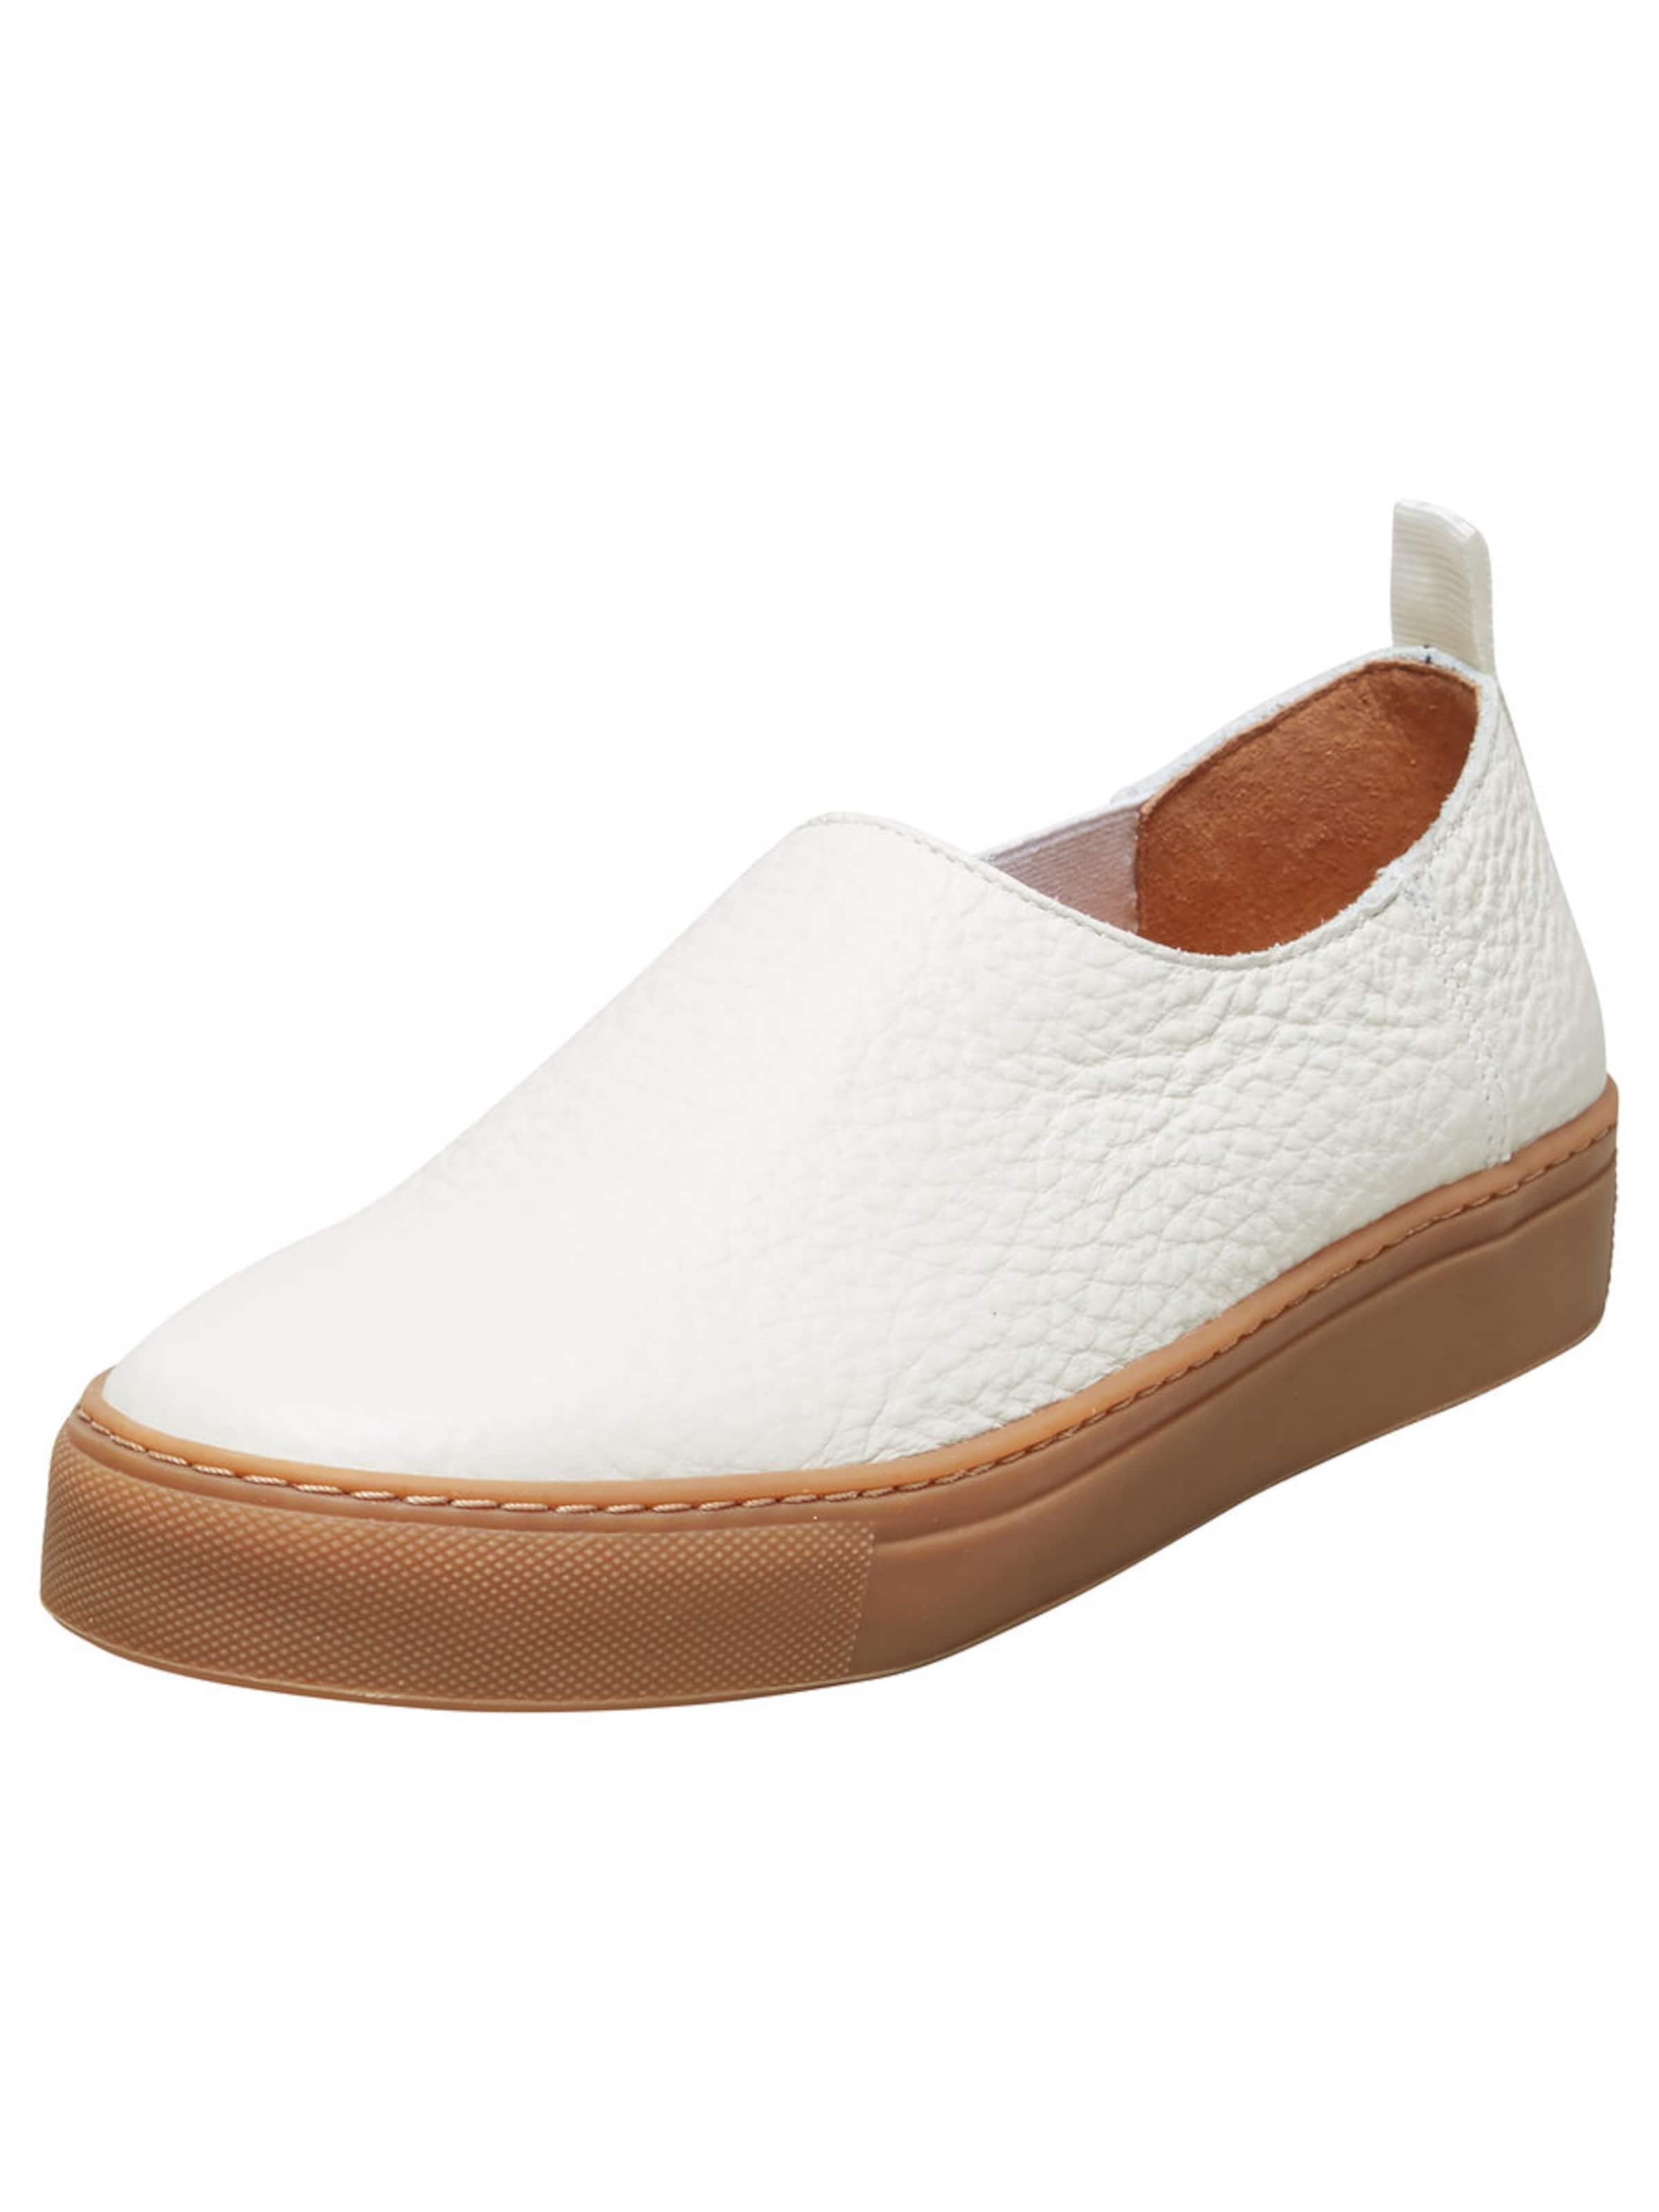 SELECTED FEMME Leder Schuhe Günstige und langlebige Schuhe